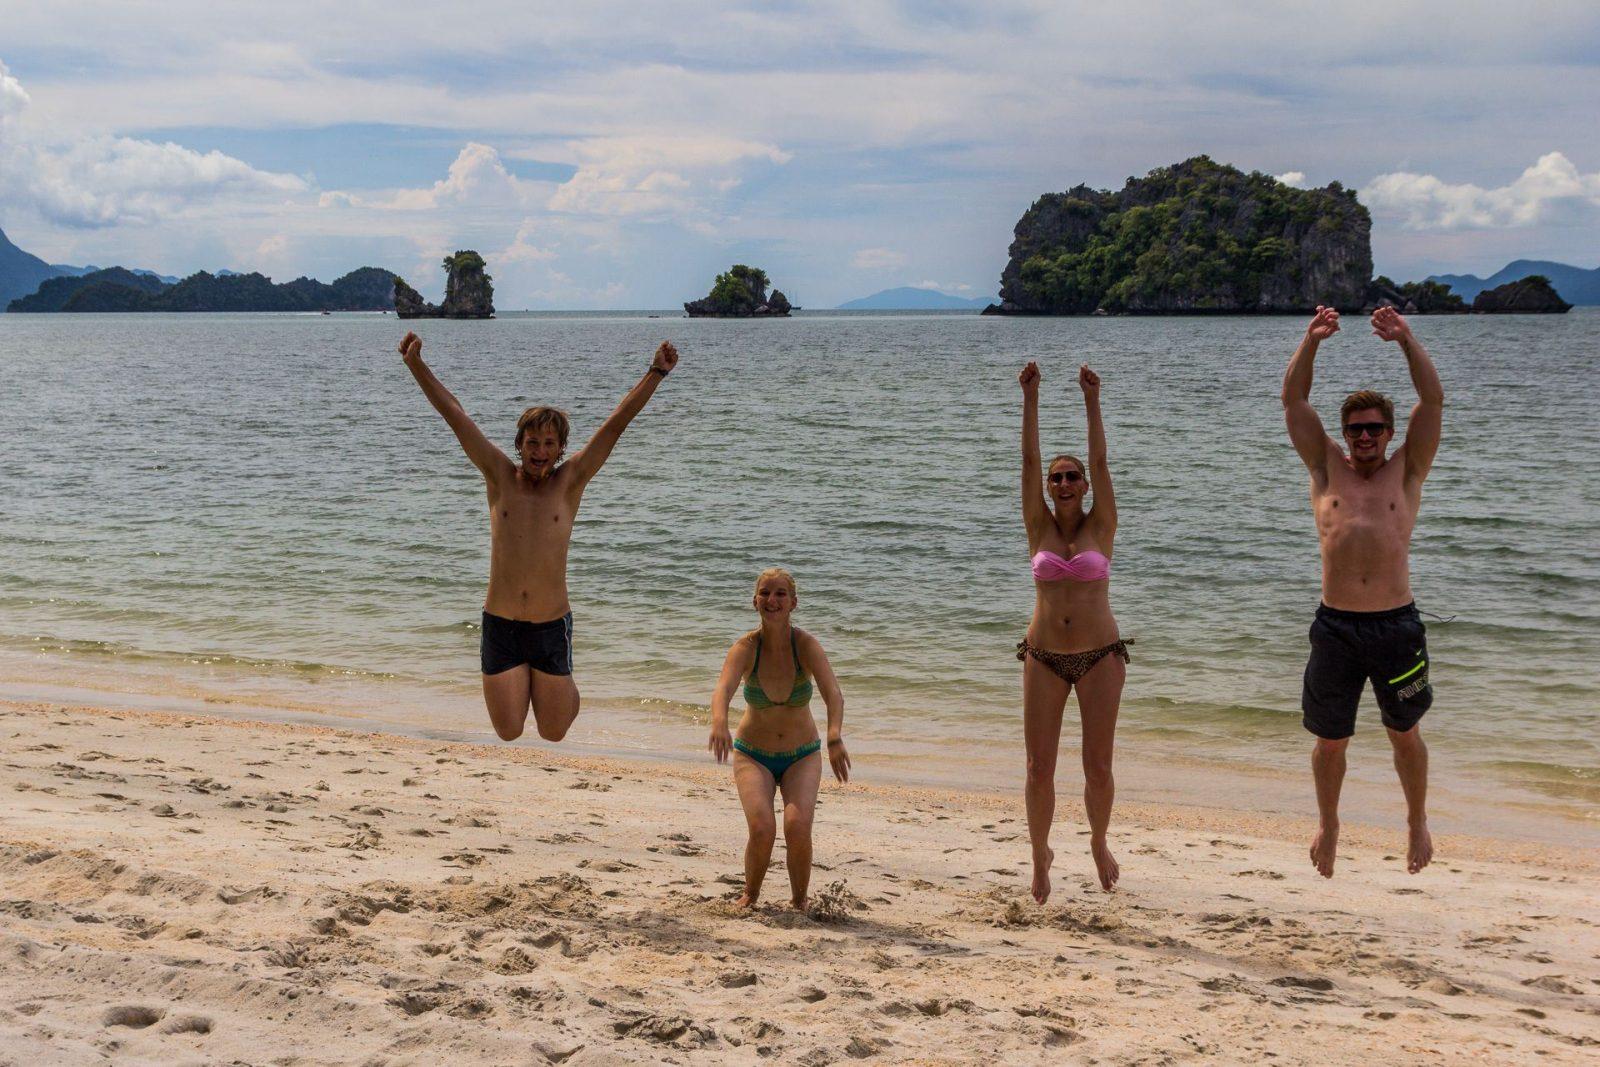 S Radkou a Filipem na nejkrásnější pláži ostrova - synchronizovat skok 4 lidí je ale nemožné:-)